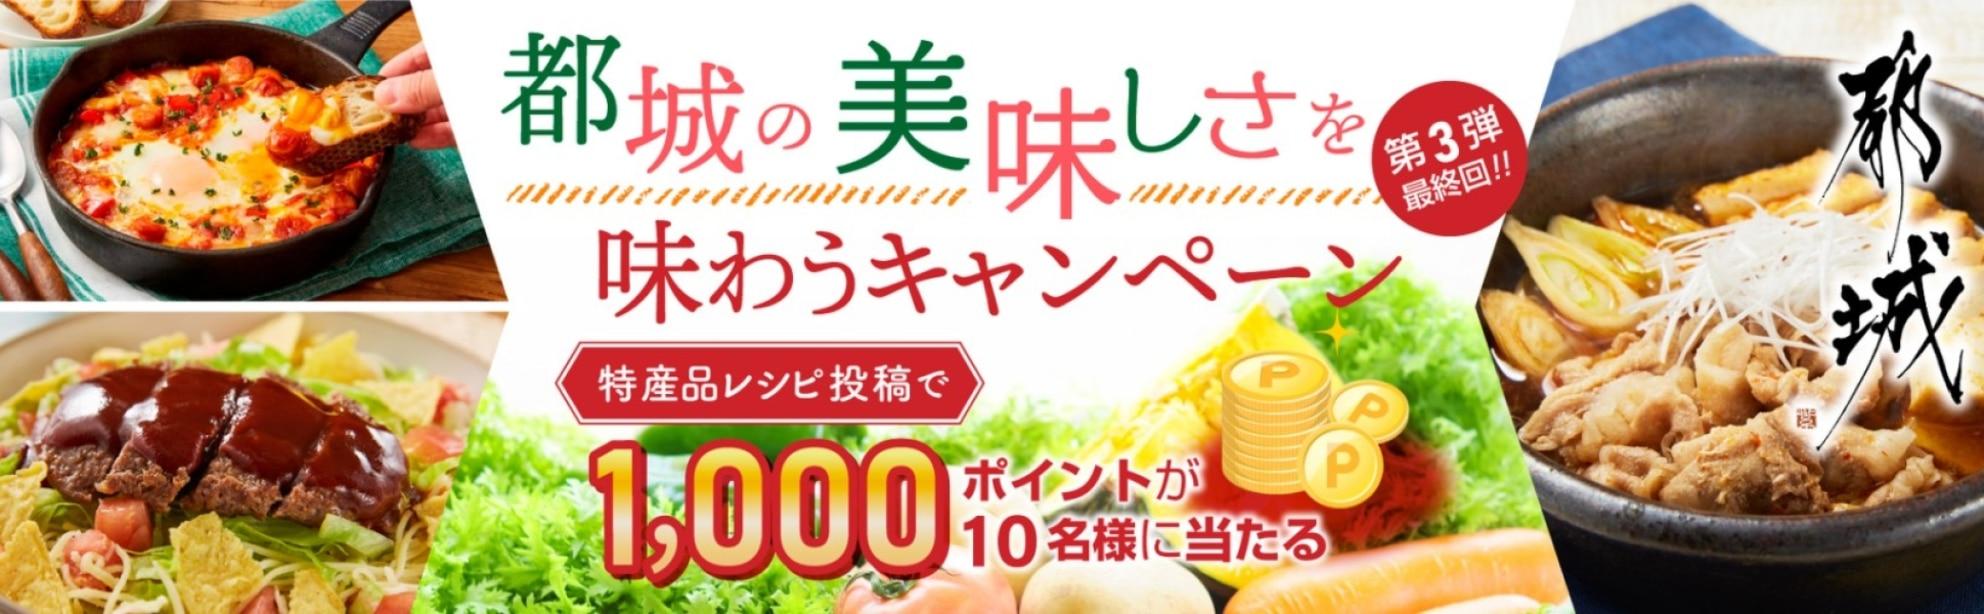 特産品レシピ投稿で1000ポイントが毎月10名様に当たる!都城の美味しさ味わうキャンペーン★第3弾